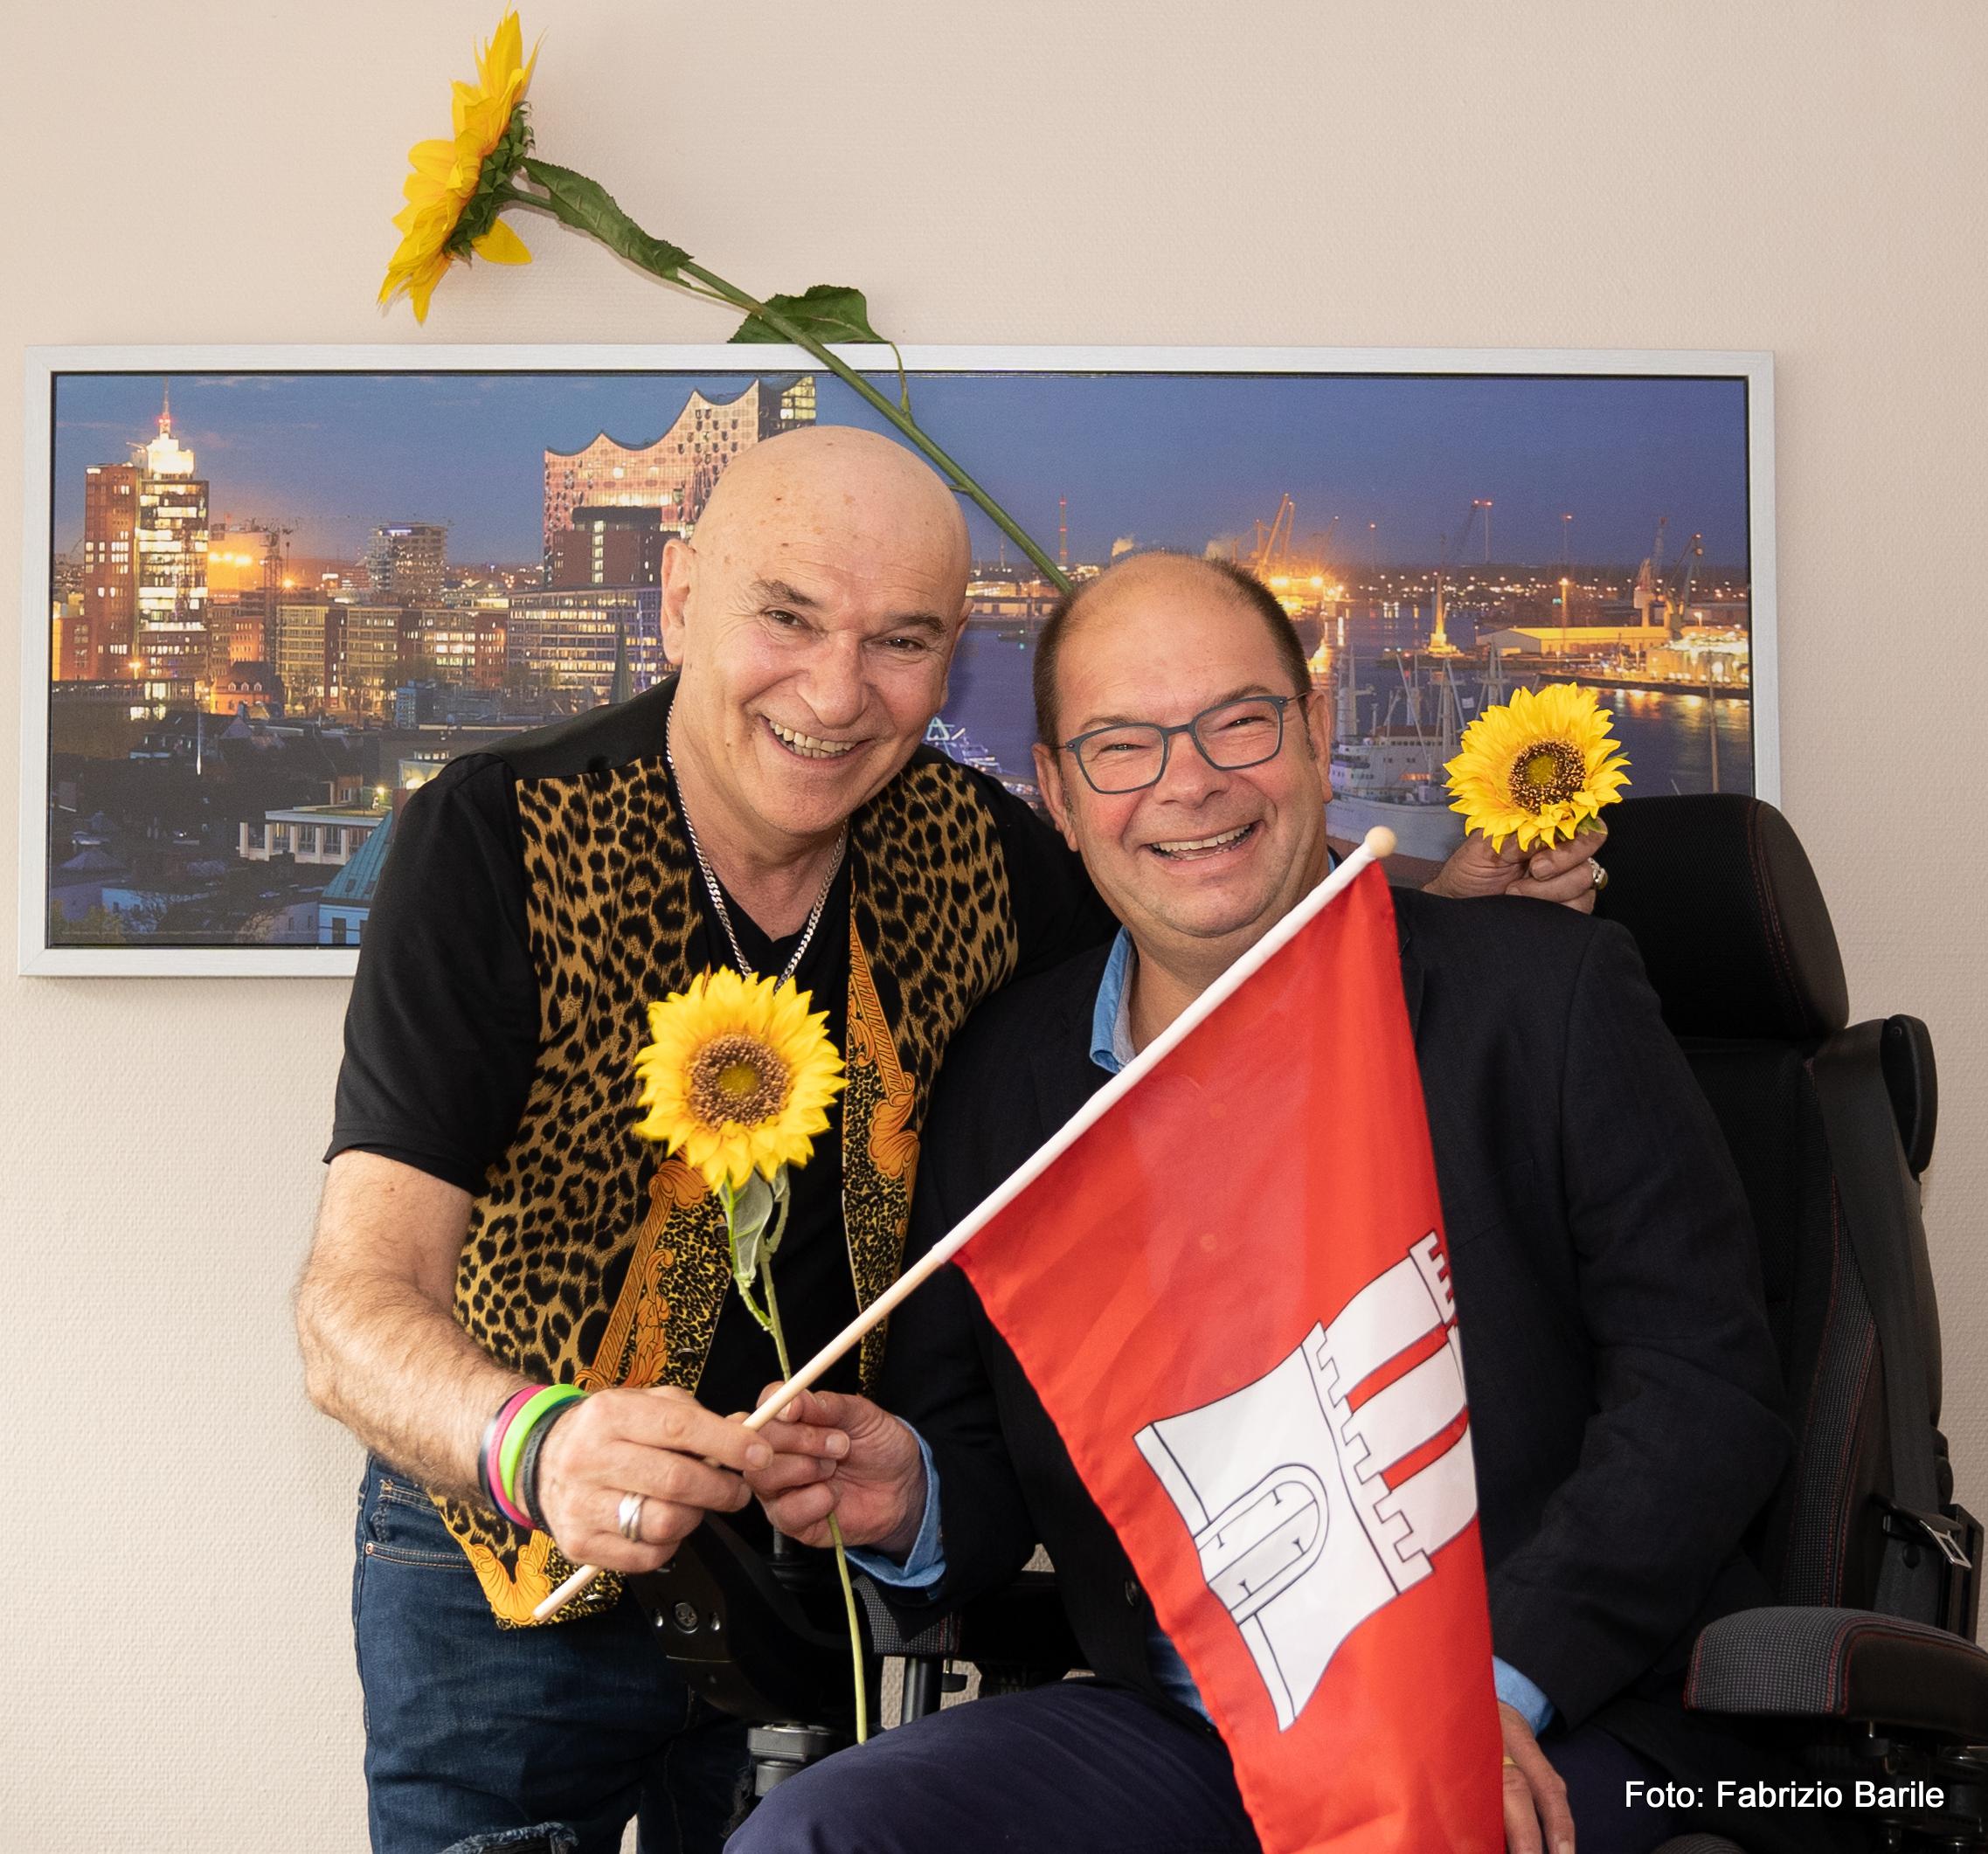 Förderkreis zu Gunsten unfalgeschädigter Kinder -Peter Sebastian (li.) und Dirk Rosenkranz Vorstand der Deutschen Muskelschwundhilfe